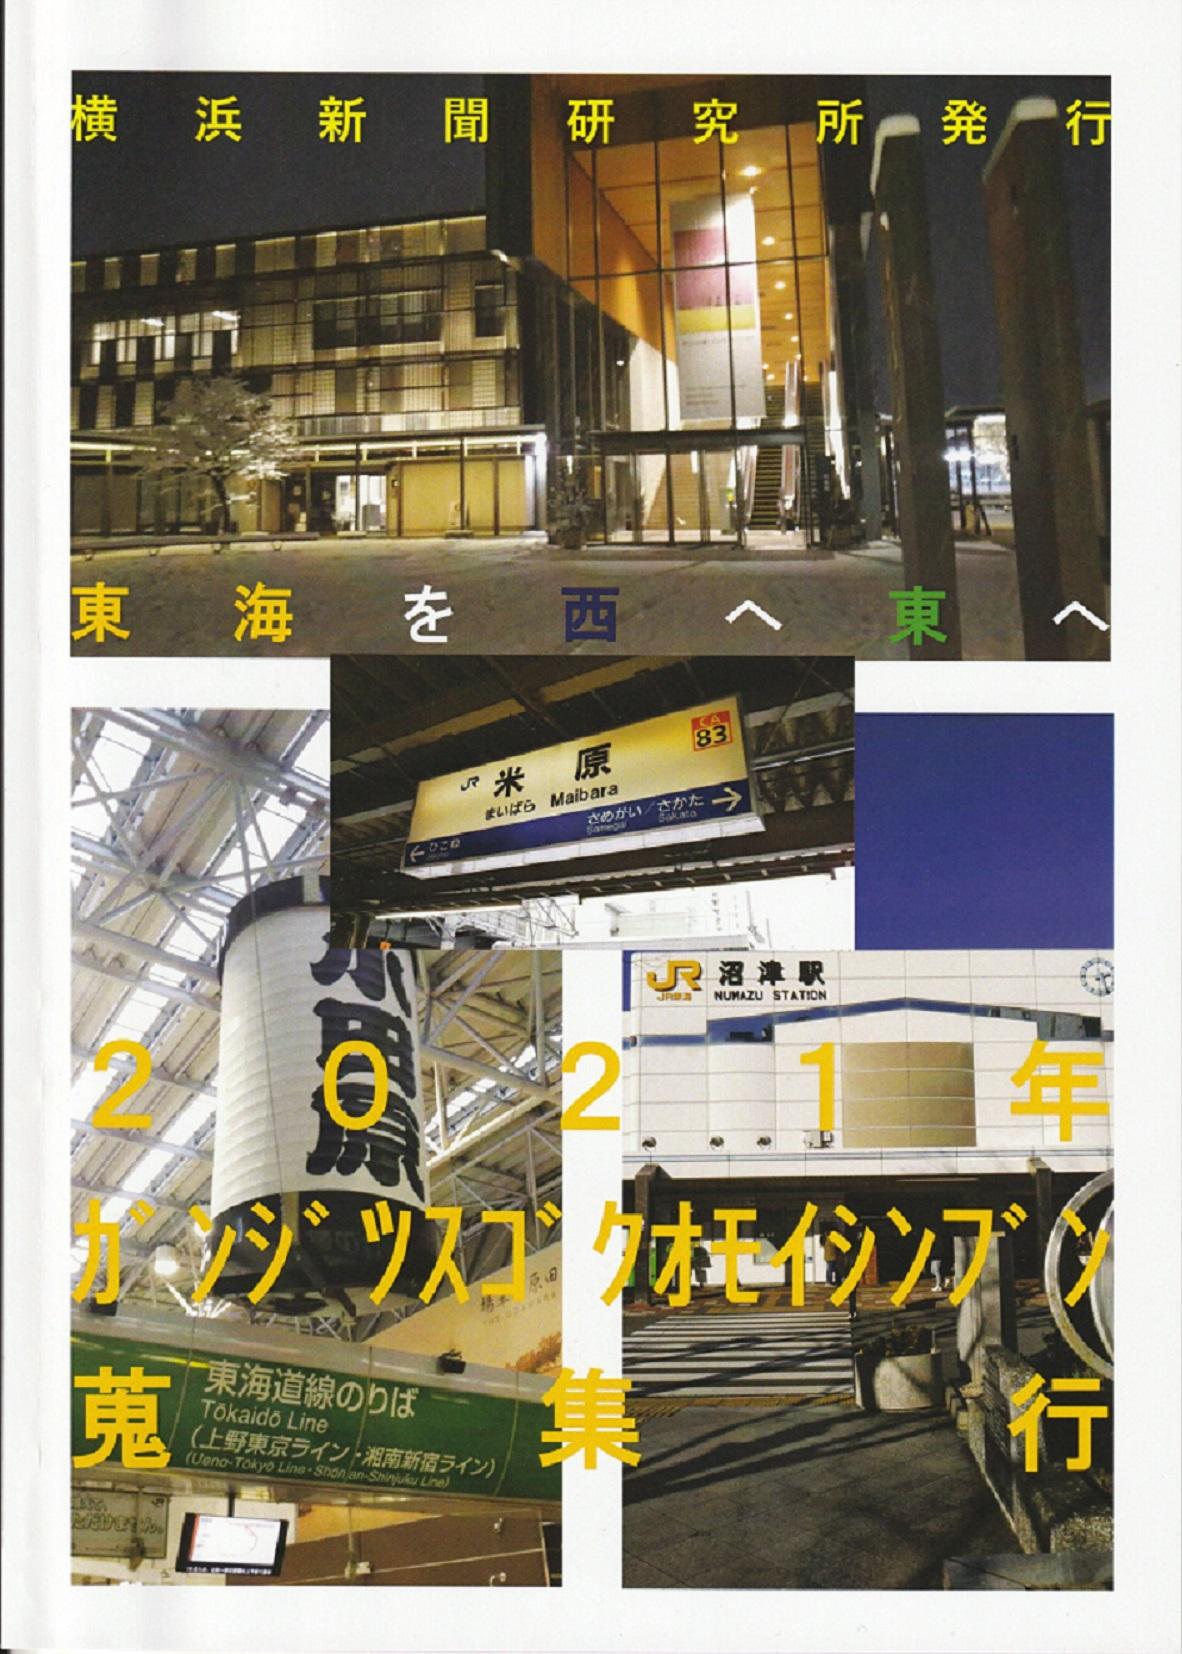 2021年ガンジツスゴクオモイシンブン蒐集行  【横浜新聞研究所】画像